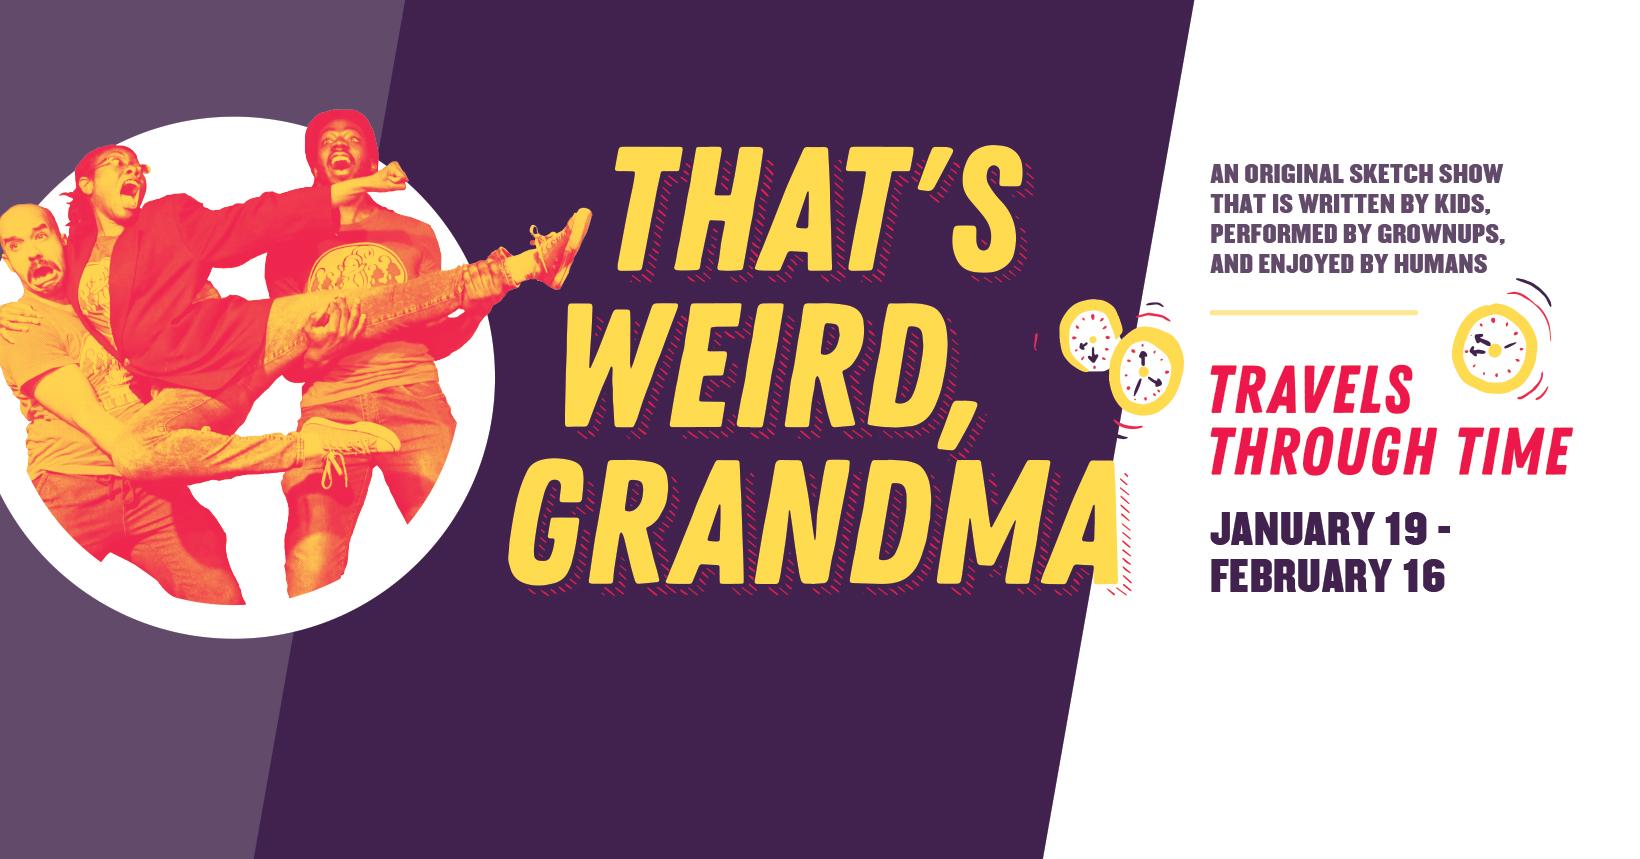 That's Weird, Grandma: Travels Through Time